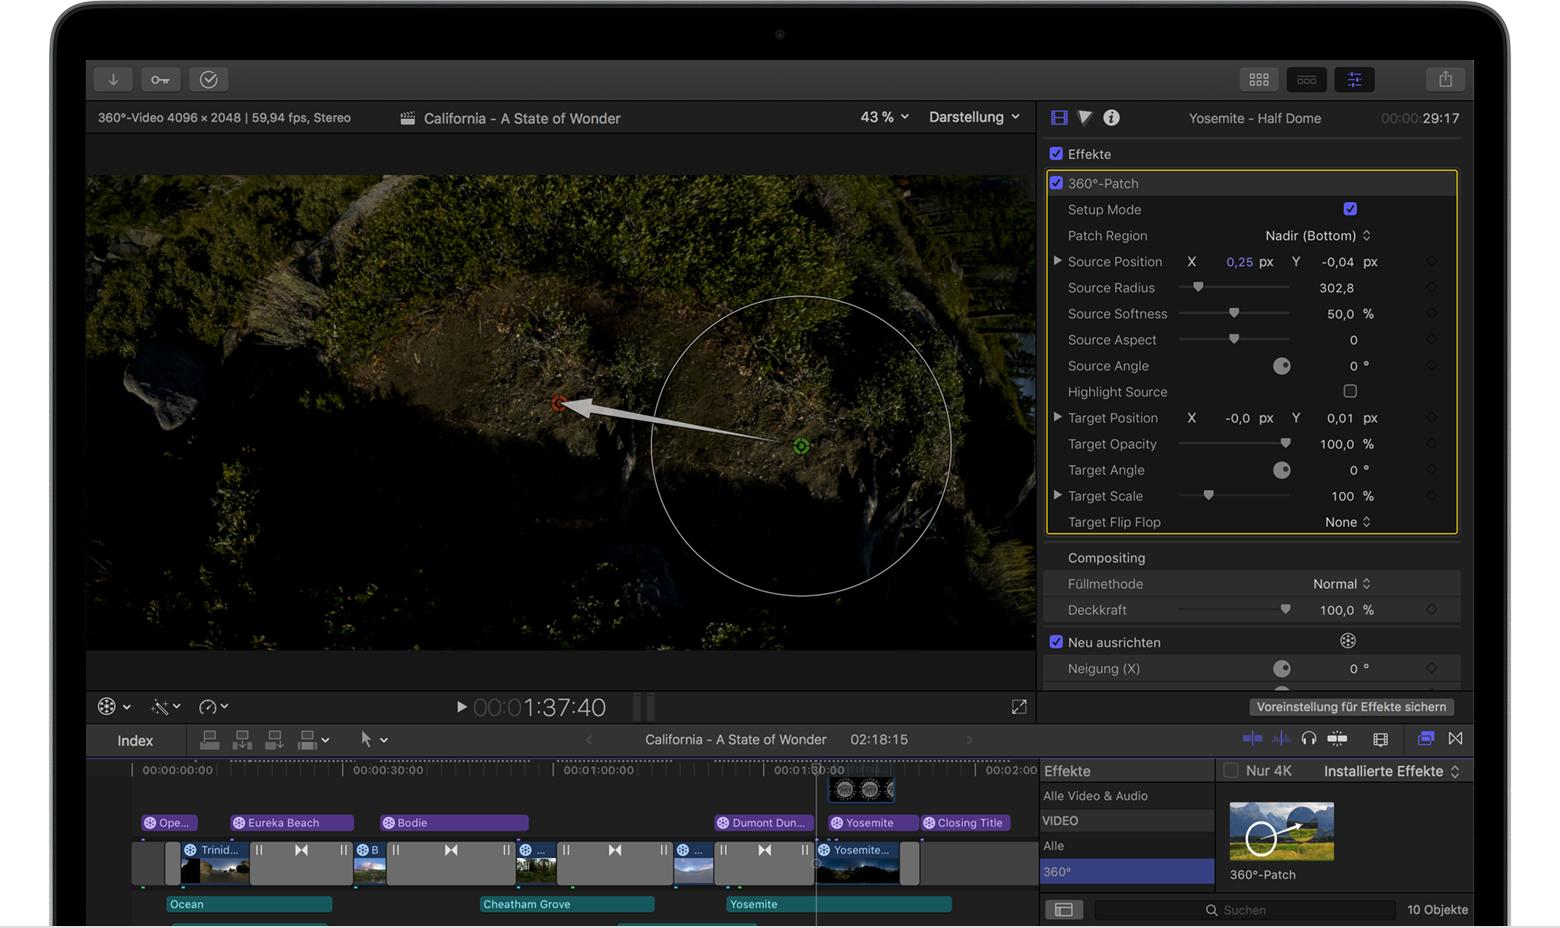 360°-Videos in Final Cut Pro X 10.4 bearbeiten - Apple Support